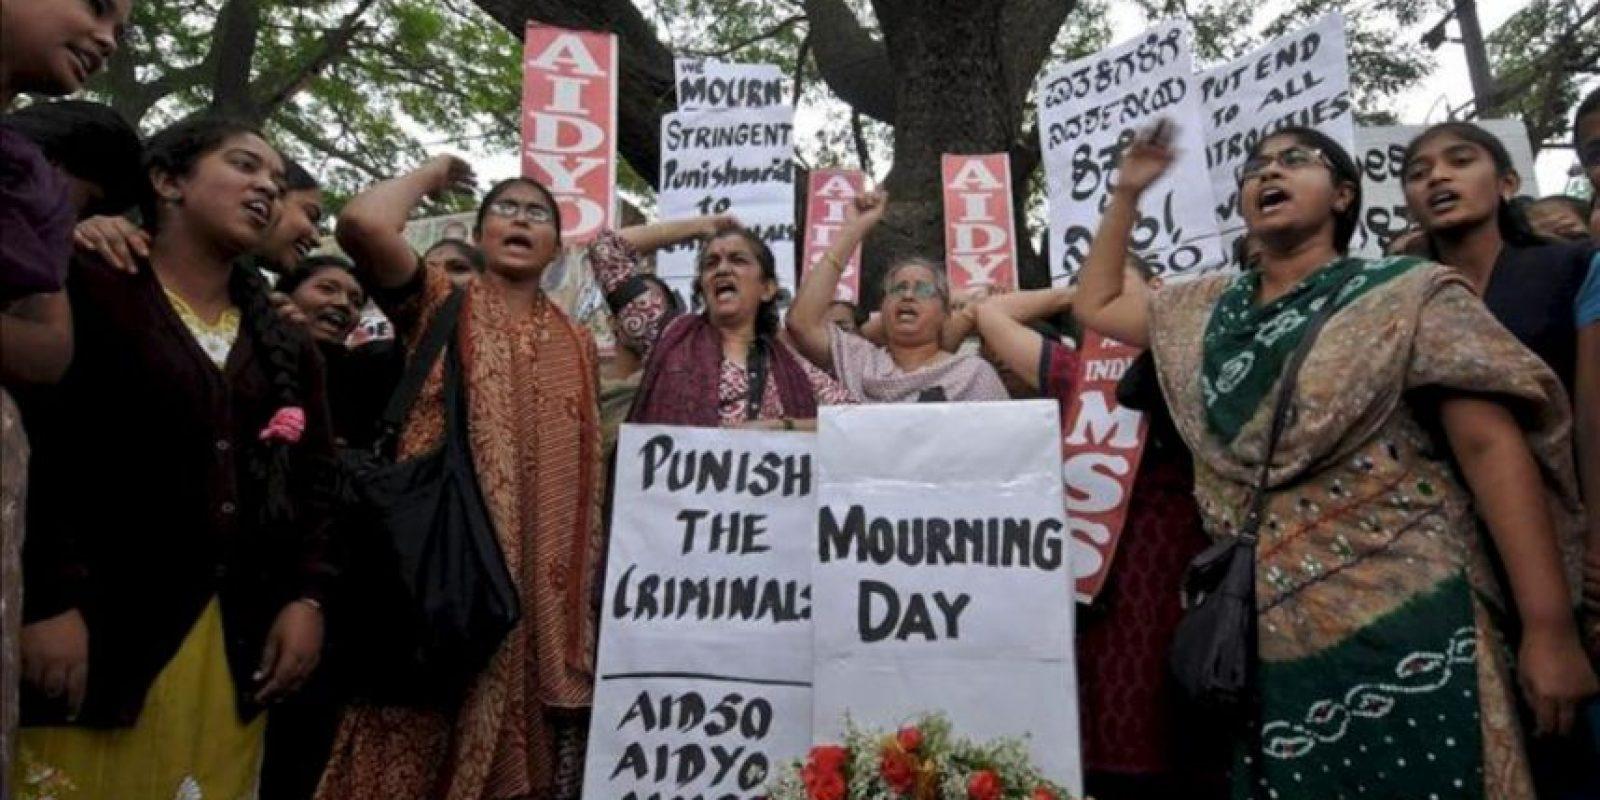 A la espera de nuevas manifestaciones, la Policía de Nueva Delhi cerró hoy diez estaciones de metro y el acceso por carretera a los principales edificios gubernamentales y al céntrico monumento de la Puerta de la India, donde se han registrado las mayores protestas. EFE